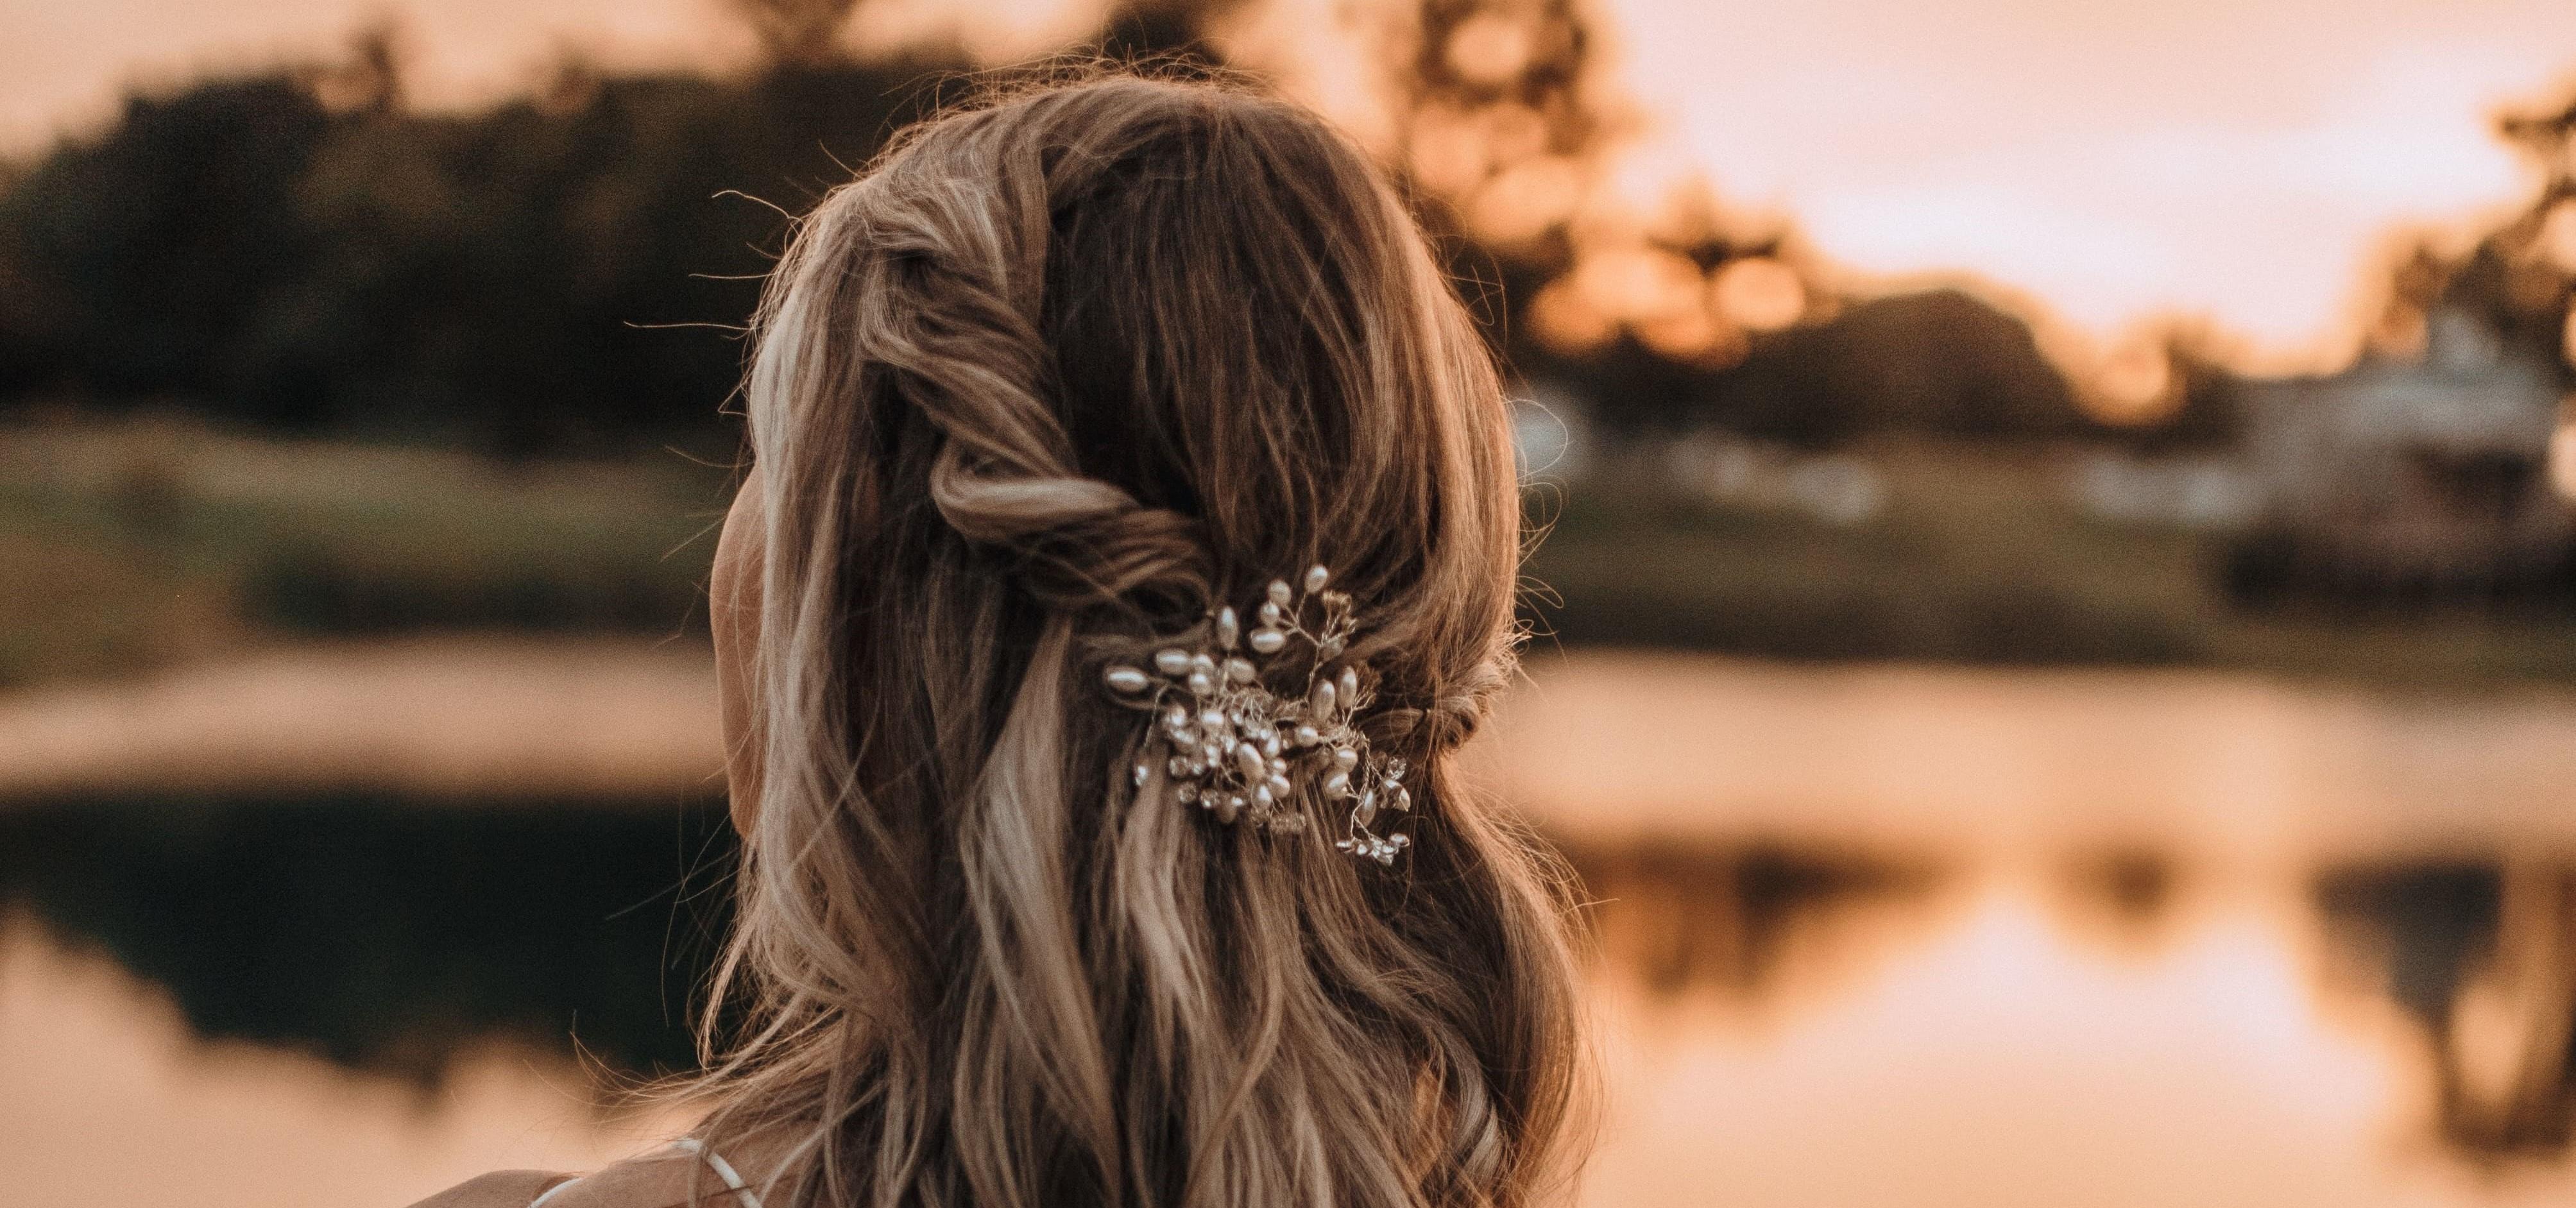 Mariage en vue : votre agenda cheveu, beauté, maquillage